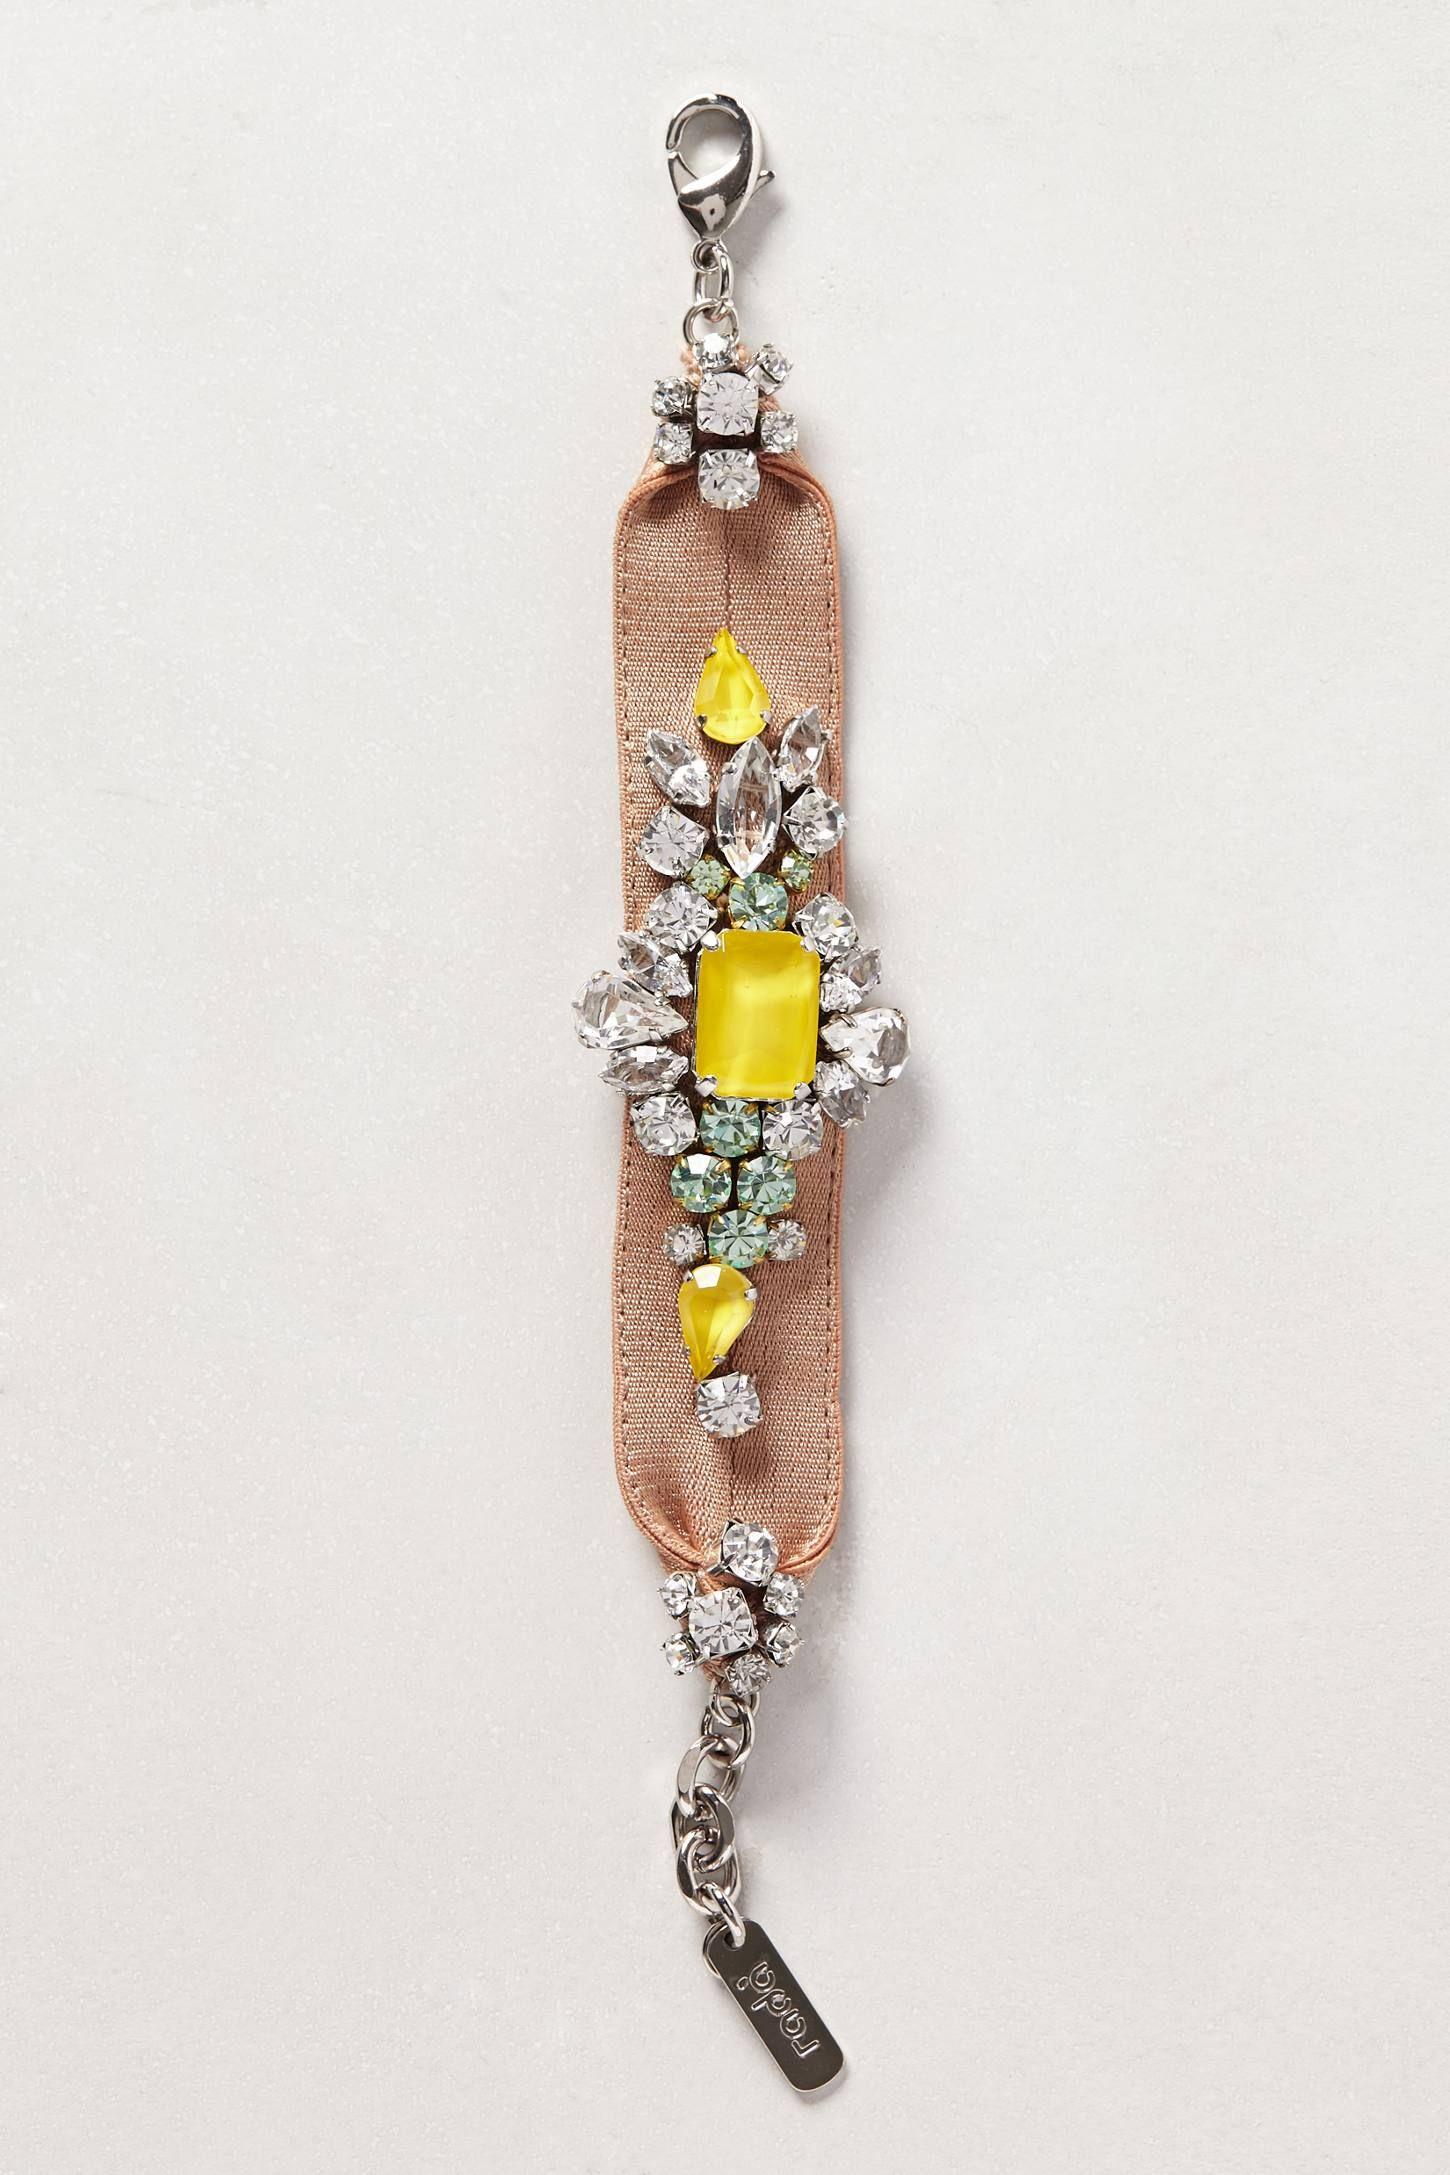 Bracelet lait et miel - anthropologie.com